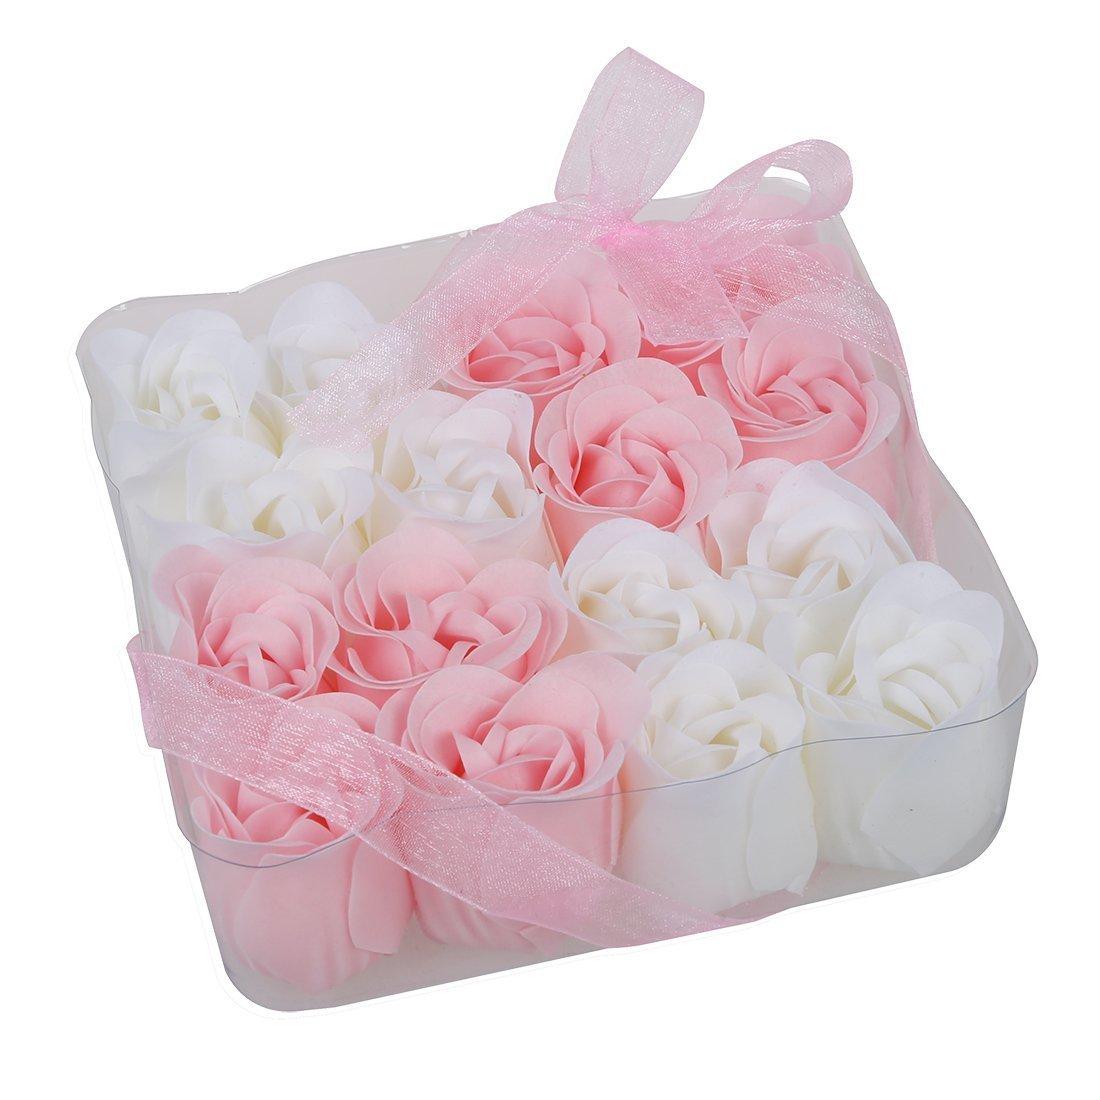 Amazon 6 Pcs Rose Flower Scented Bath Soap Petals Orange W